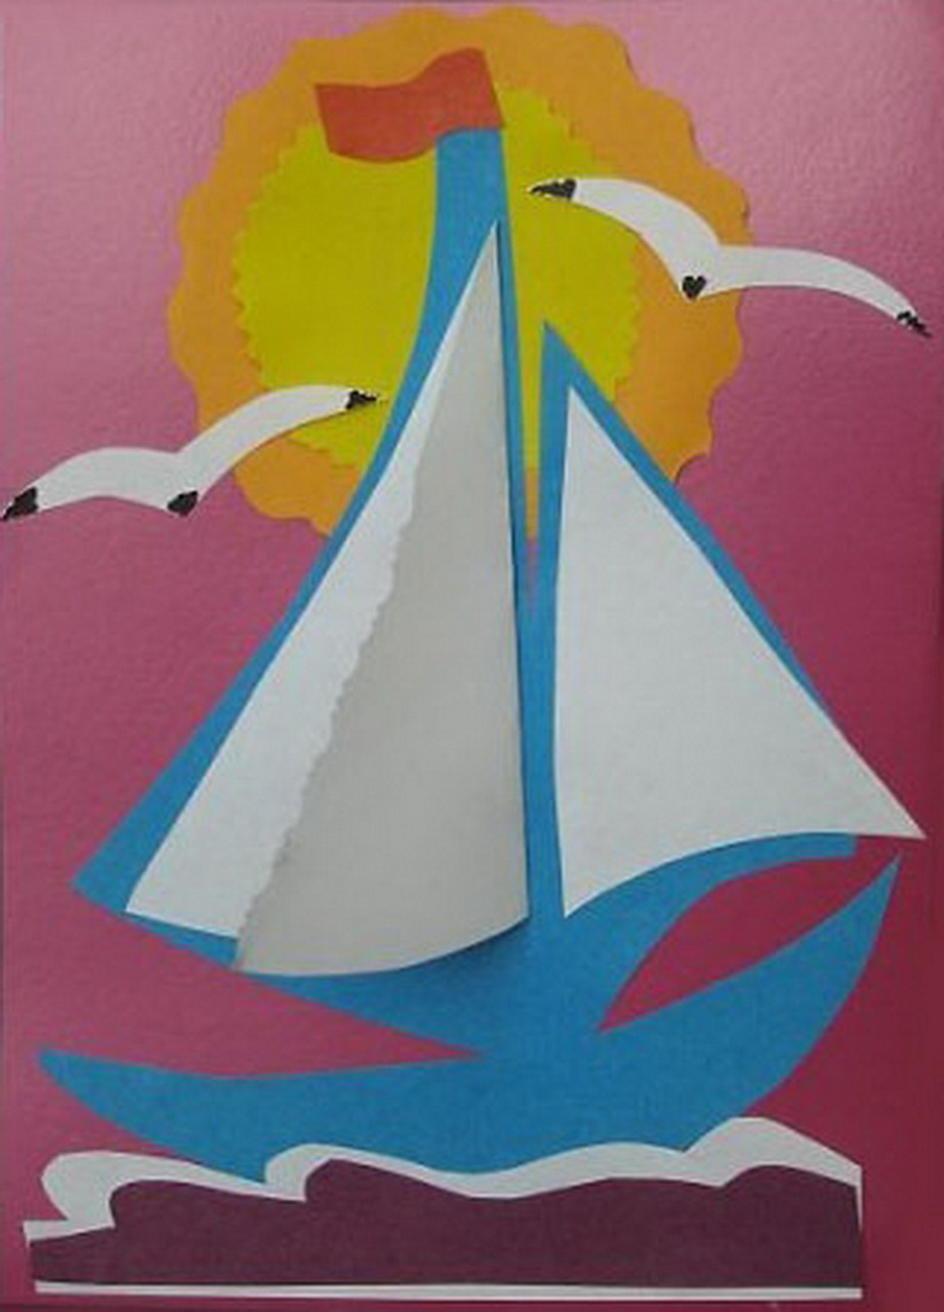 Открытки девочками, открытка кораблик для детей